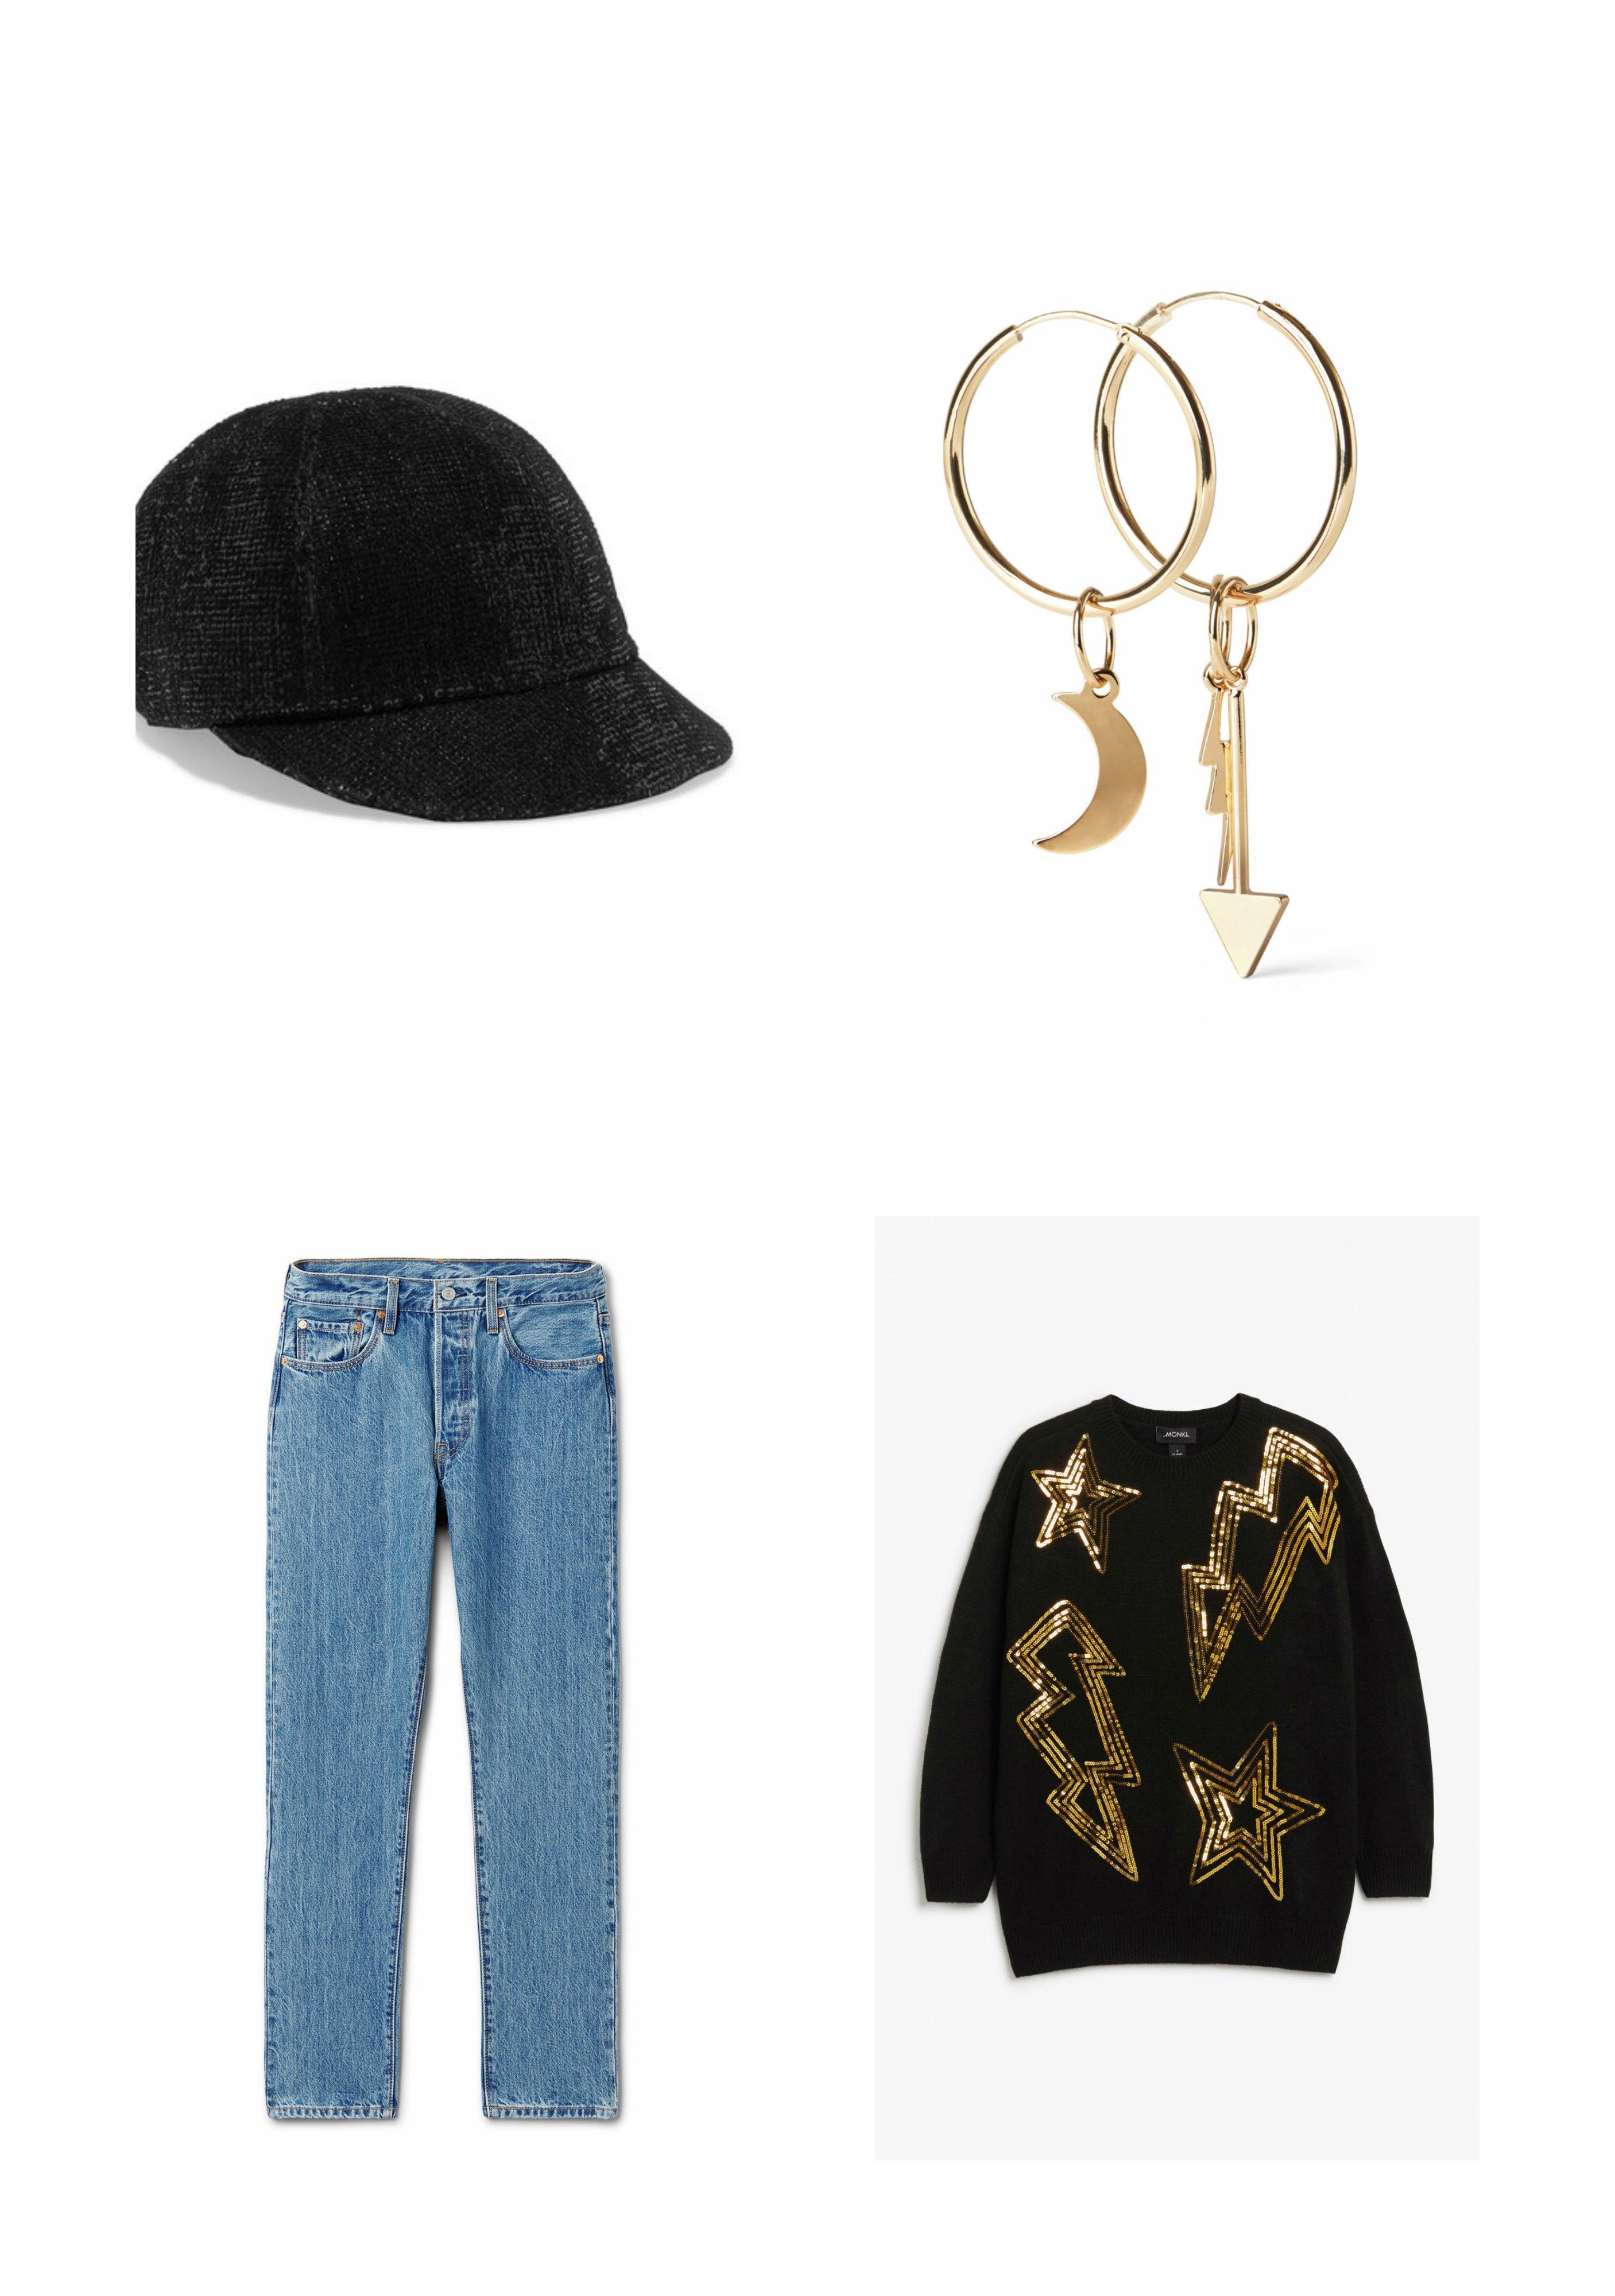 7eee7902 ... 3602 kr via Net-a-Porter – Gullfargede øredobber, 100 kr fra Weekday –  Lyse 501 jeans fra Levis, 1100 kr via Weekday – Sort genser med  gullpaljetter, ...